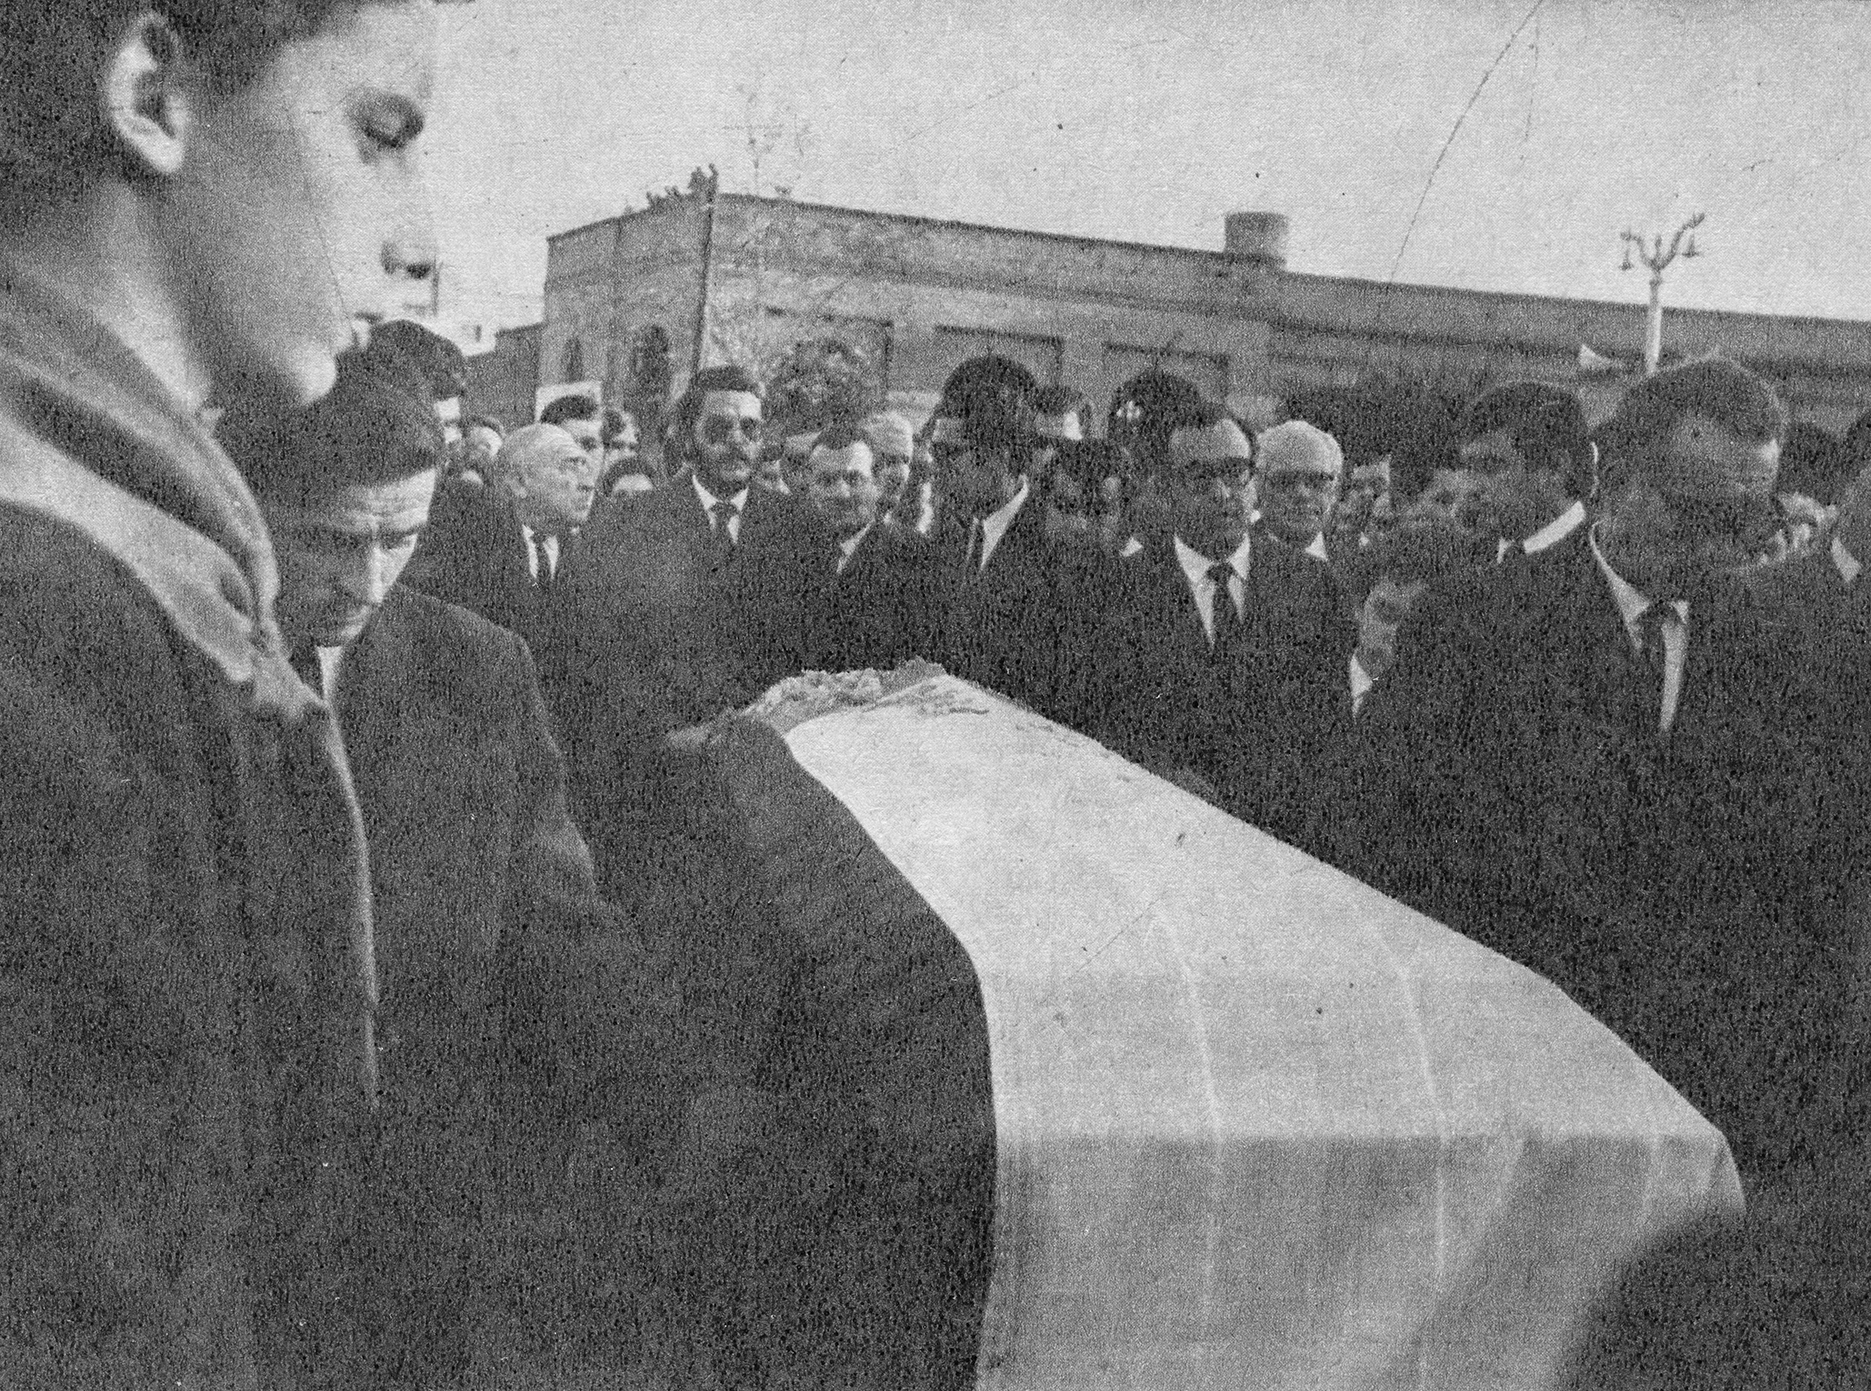 Enterreno - Fotos históricas de chile - fotos antiguas de Chile - Funeral del ex Ministro del Interior Pérez Zujovic